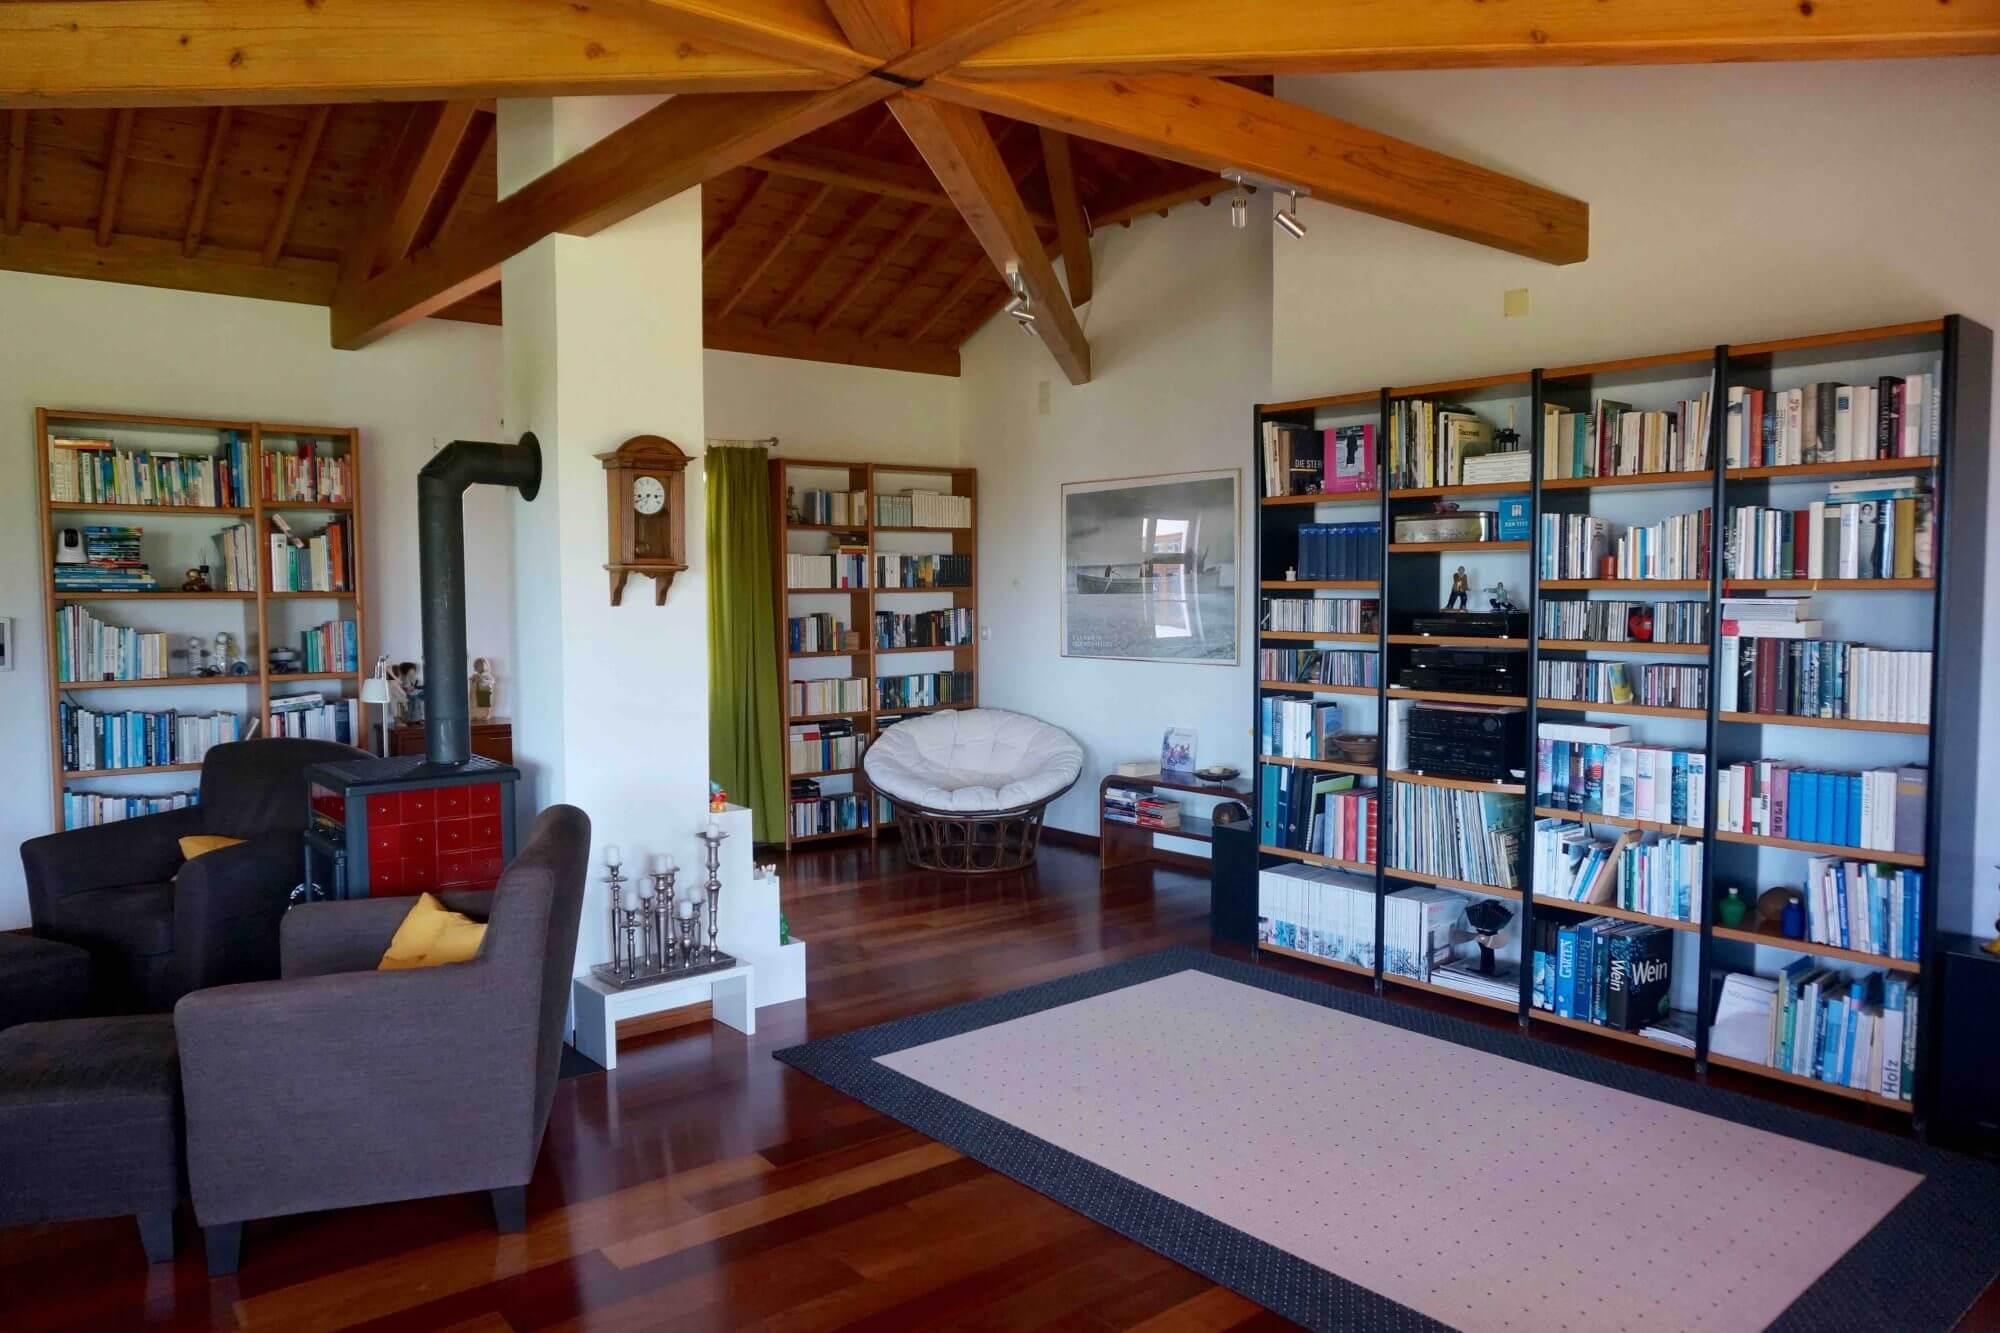 Colorful Wohnzimmer Arten Ideen Gallery - Wohndesign Bilder und ...